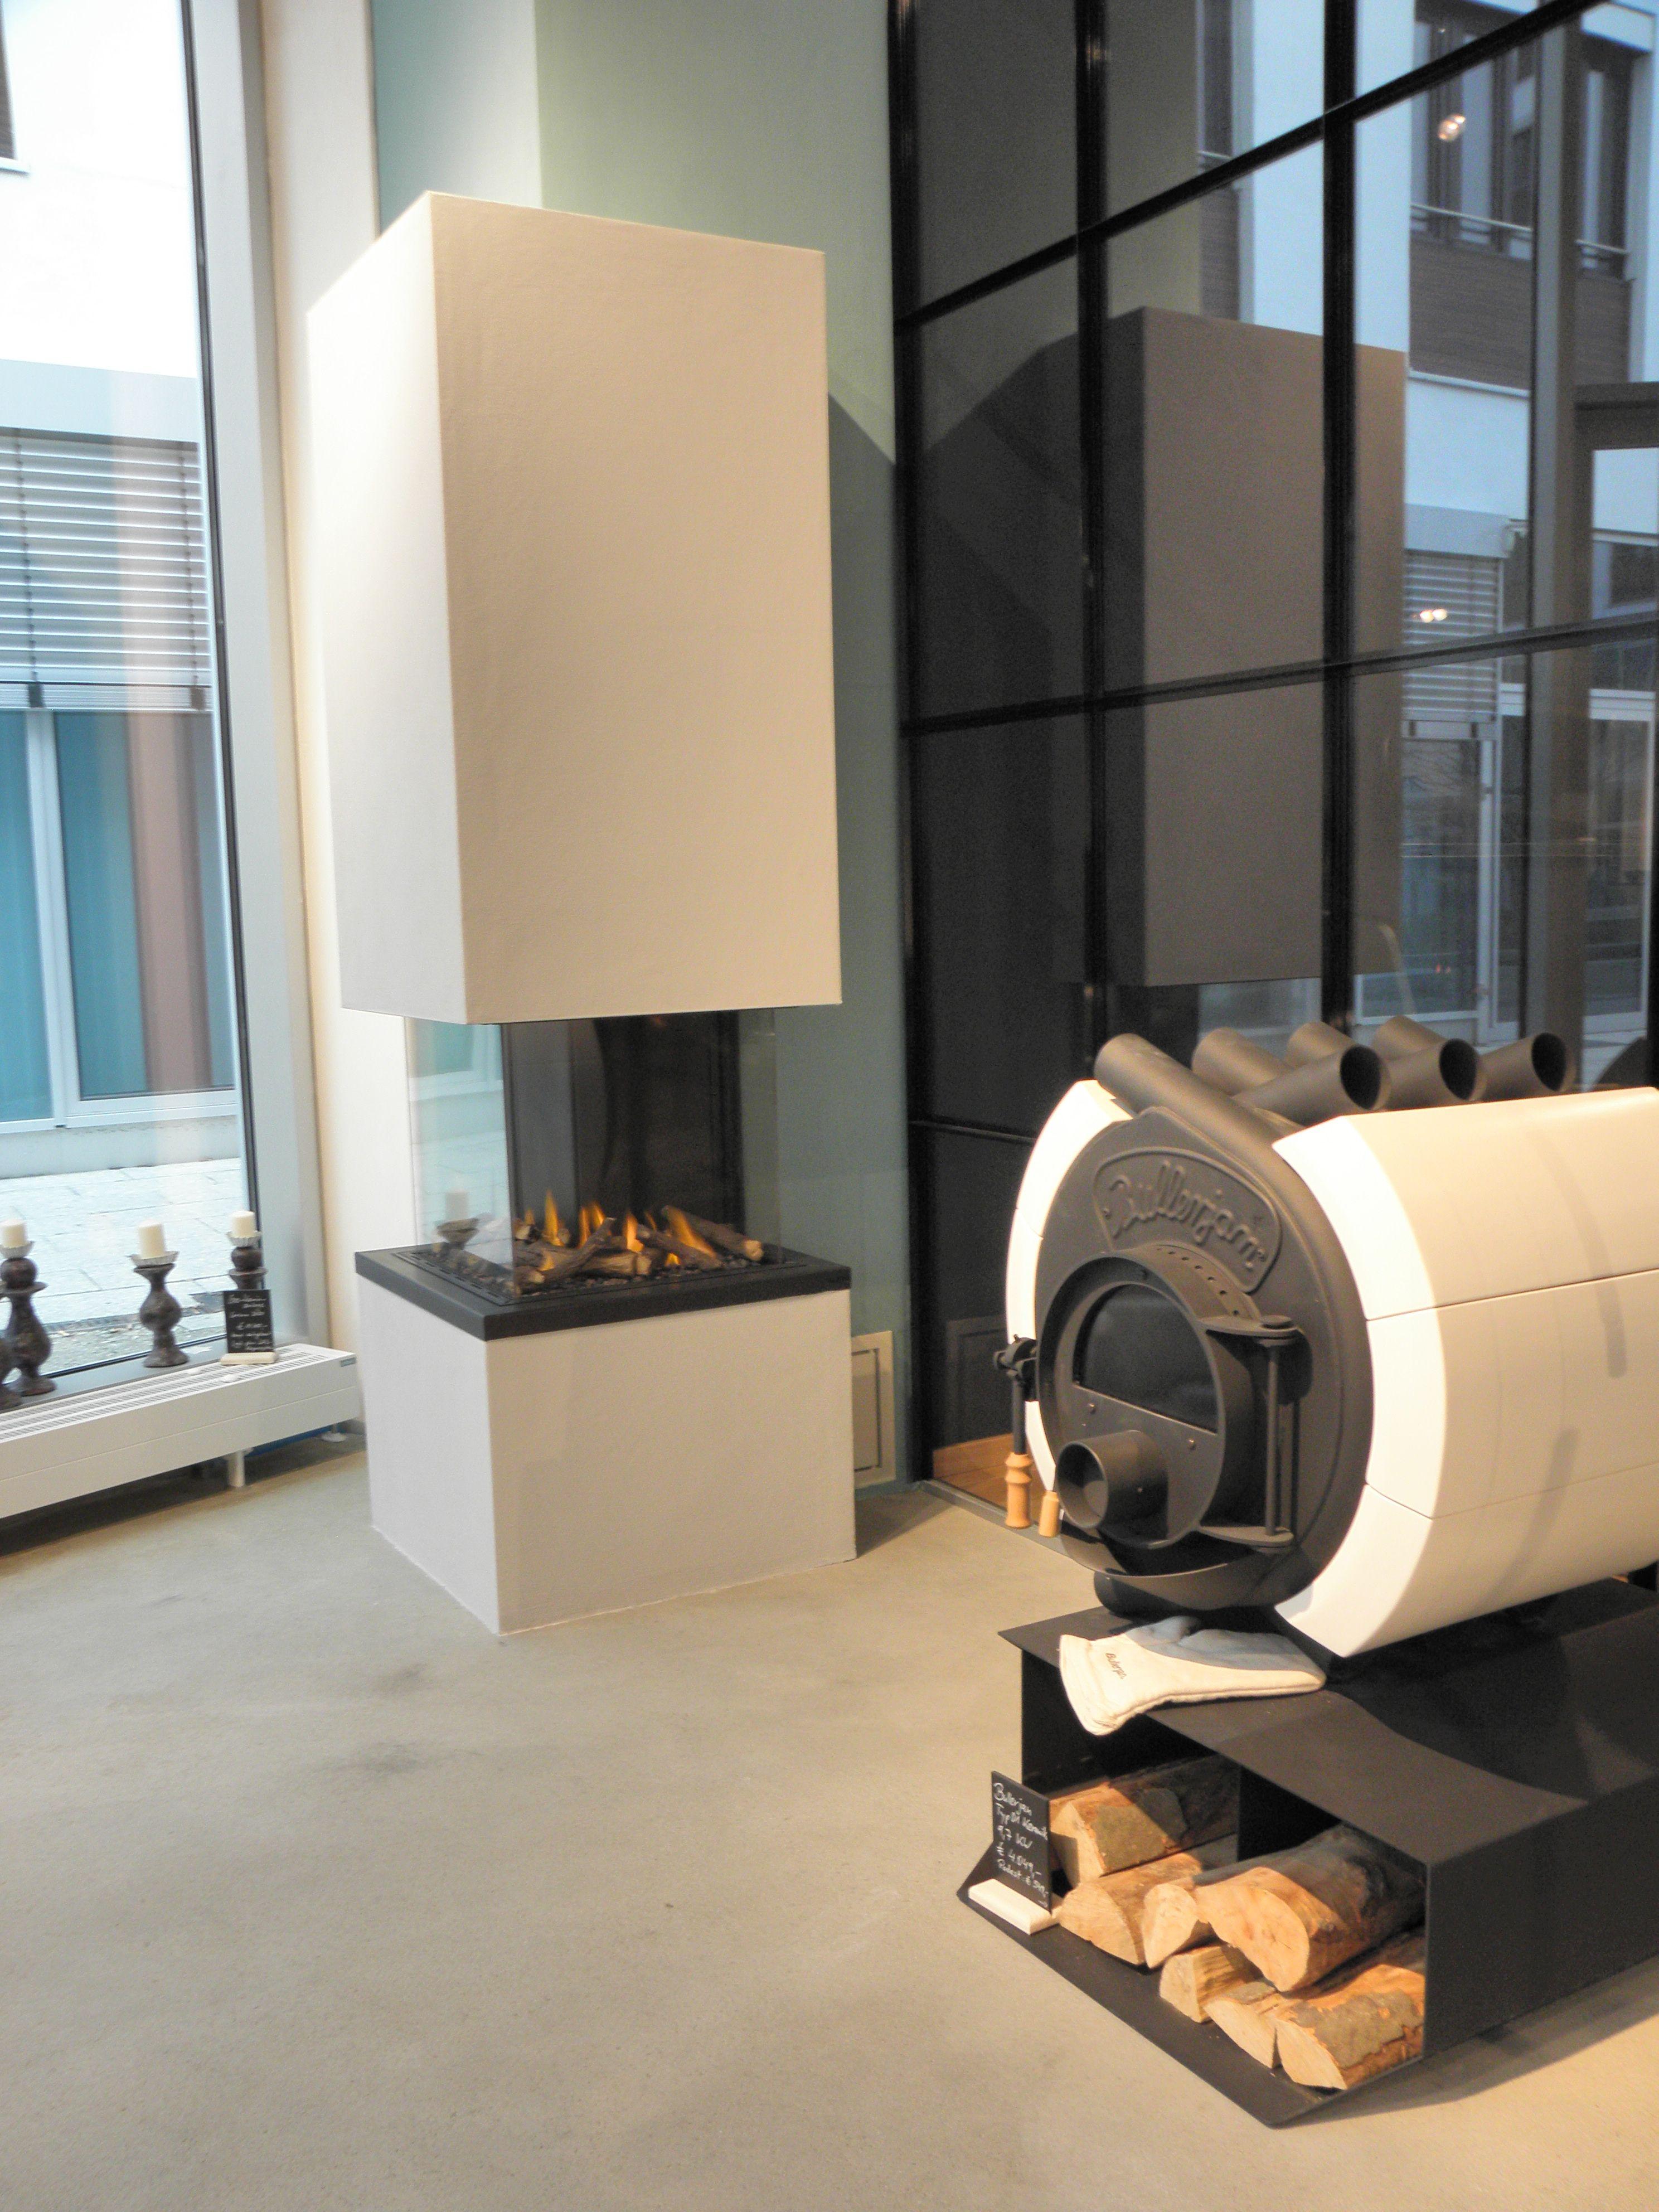 Buller Ofen Ausstellung Hamburg Kamin Und Ofenbau Gaskamin Bullerjan Gaskamin Kaminbau Ofenbau